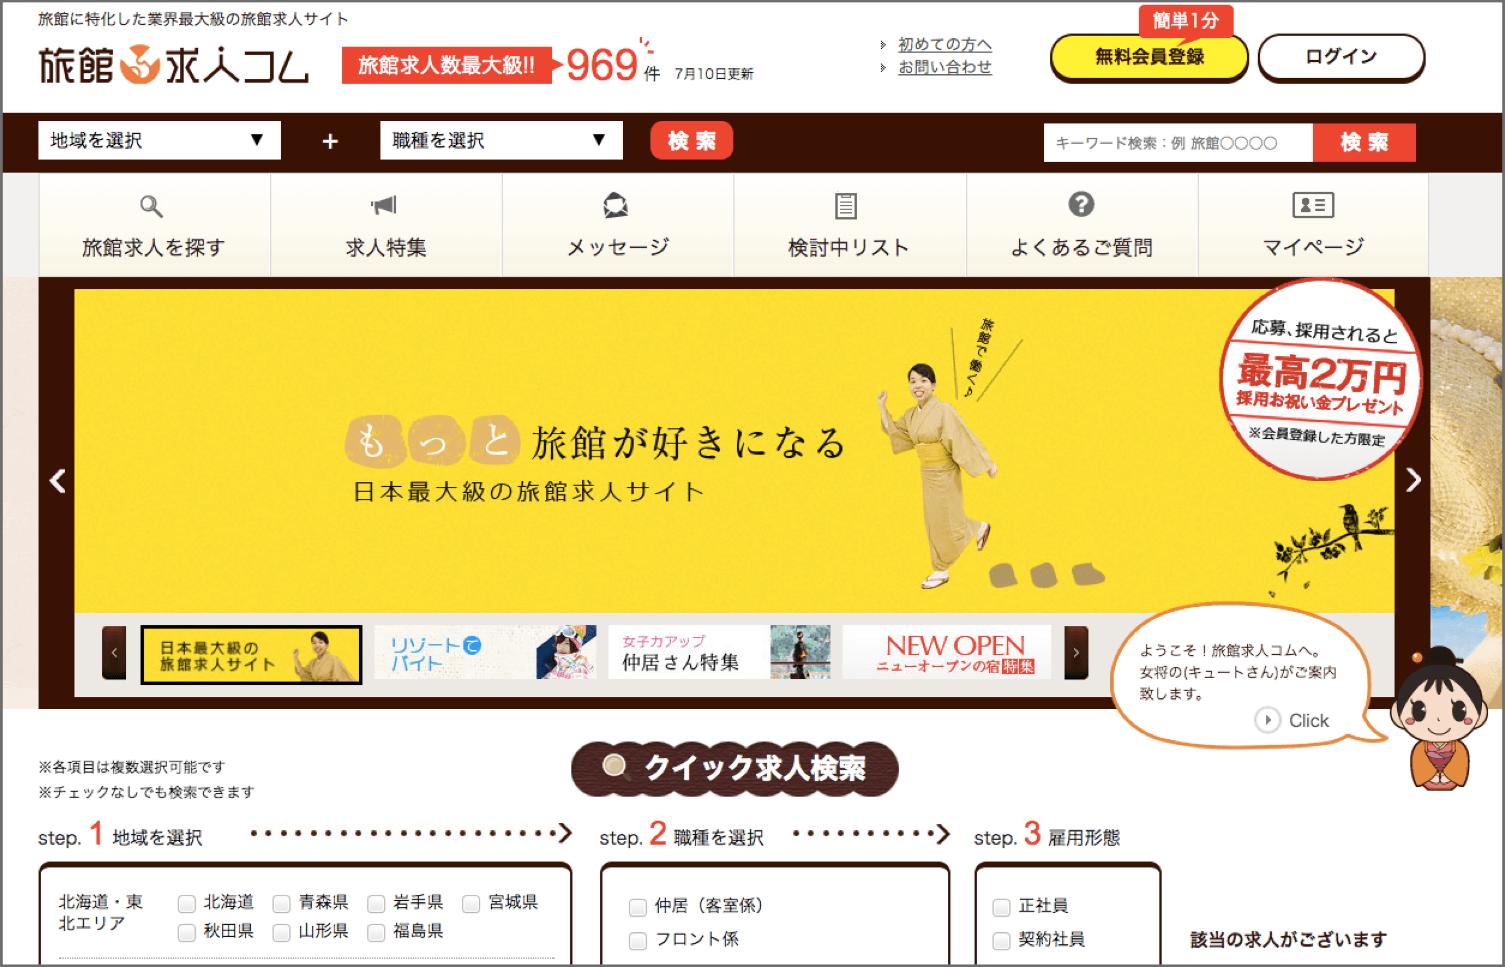 旅館求人コム|旅館に特化した業界最大級の旅館求人サイト